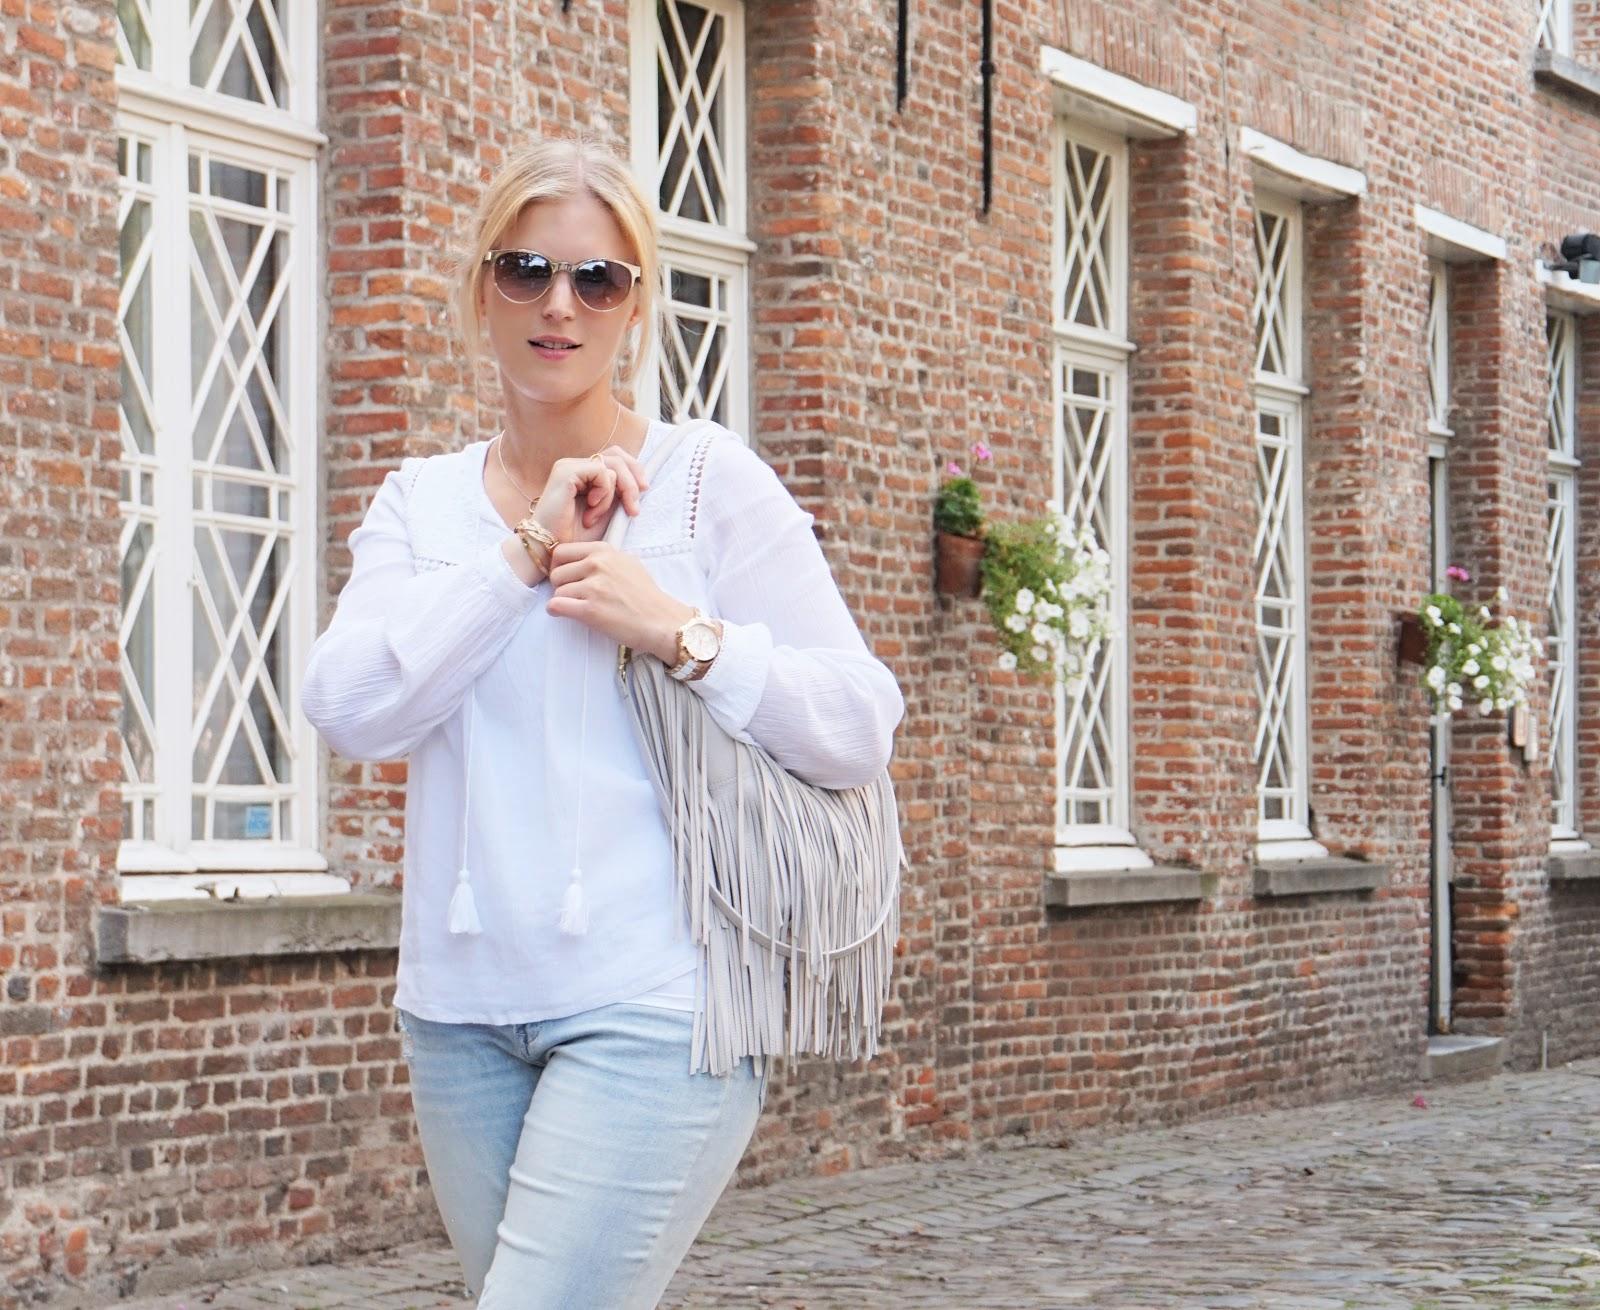 DSC07981 | Eline Van Dingenen